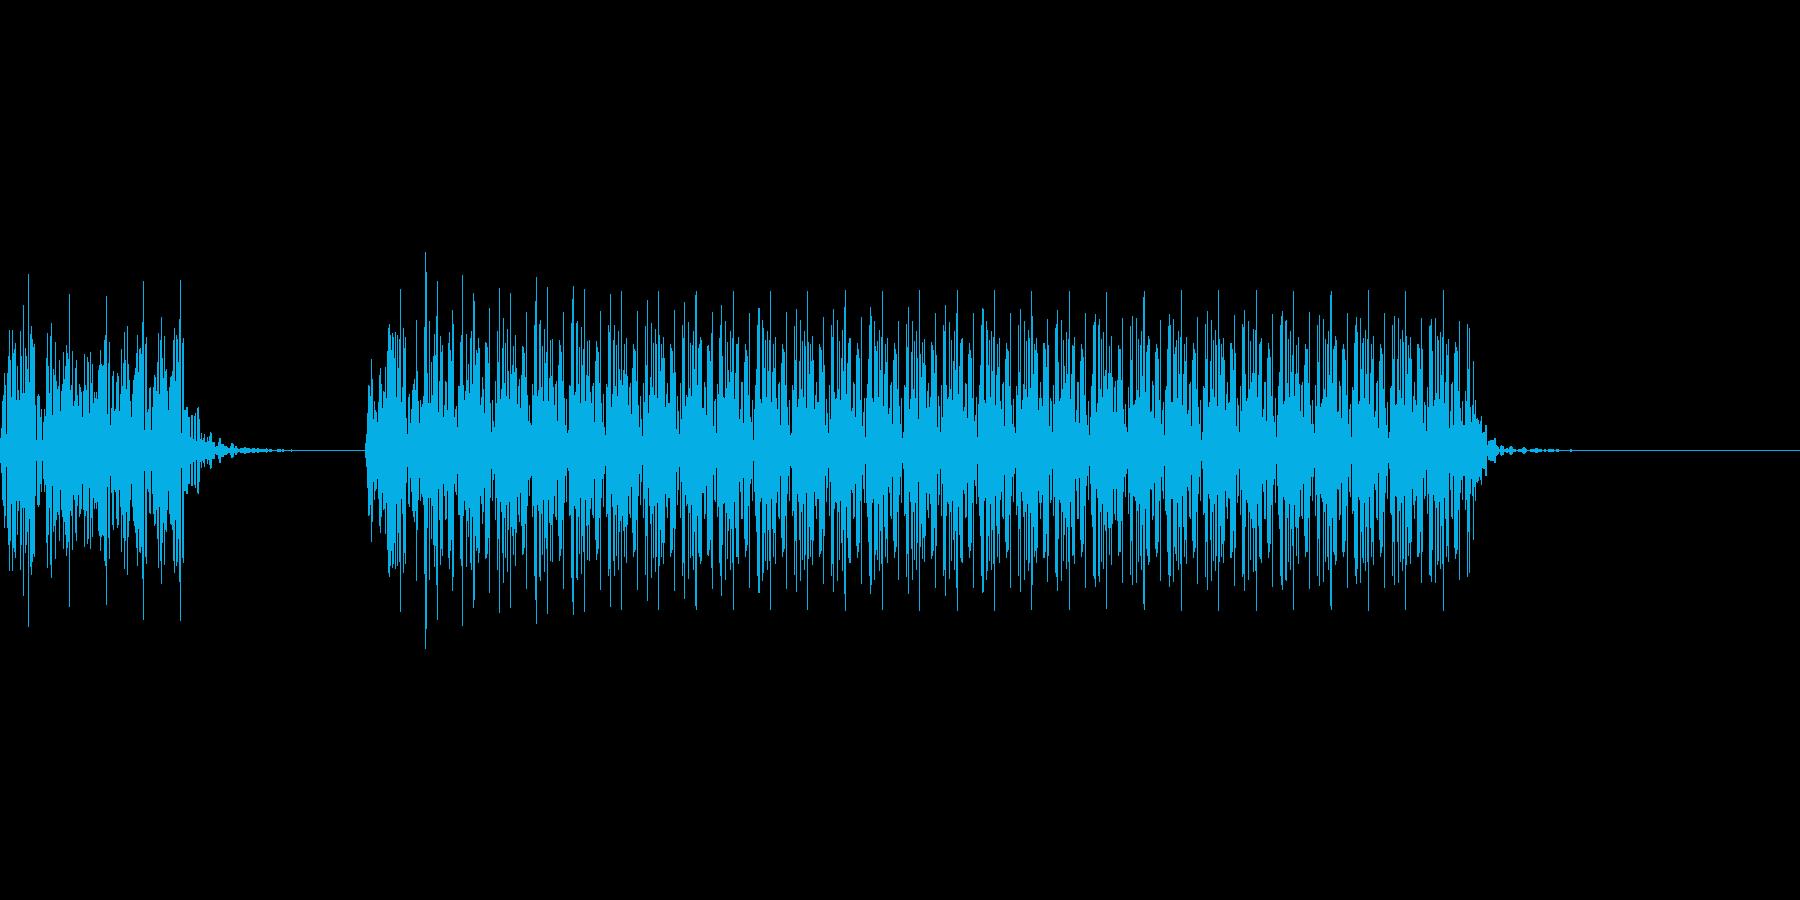 不正解のブザー音 1A ブブーの再生済みの波形